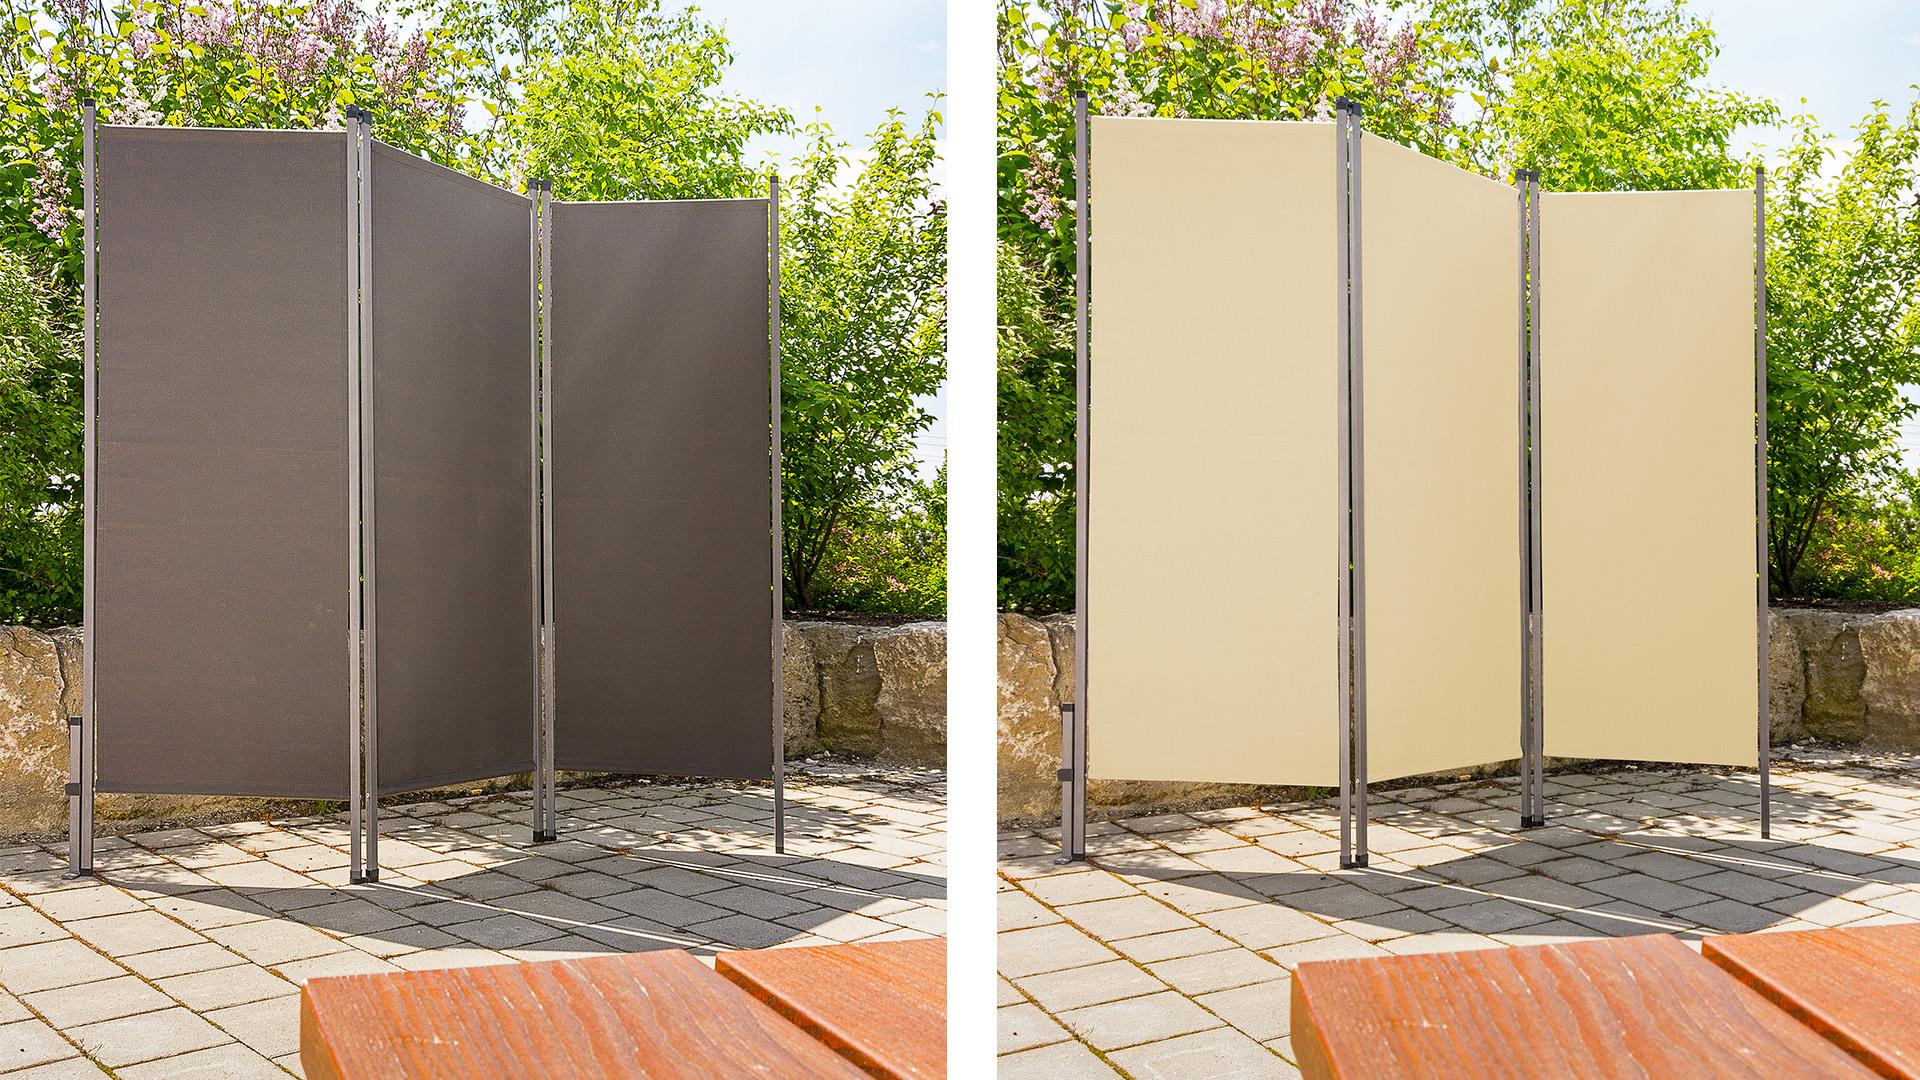 Full Size of Outdoor Paravent Archive Hecht International Küche Kaufen Garten Edelstahl Wohnzimmer Outdoor Paravent